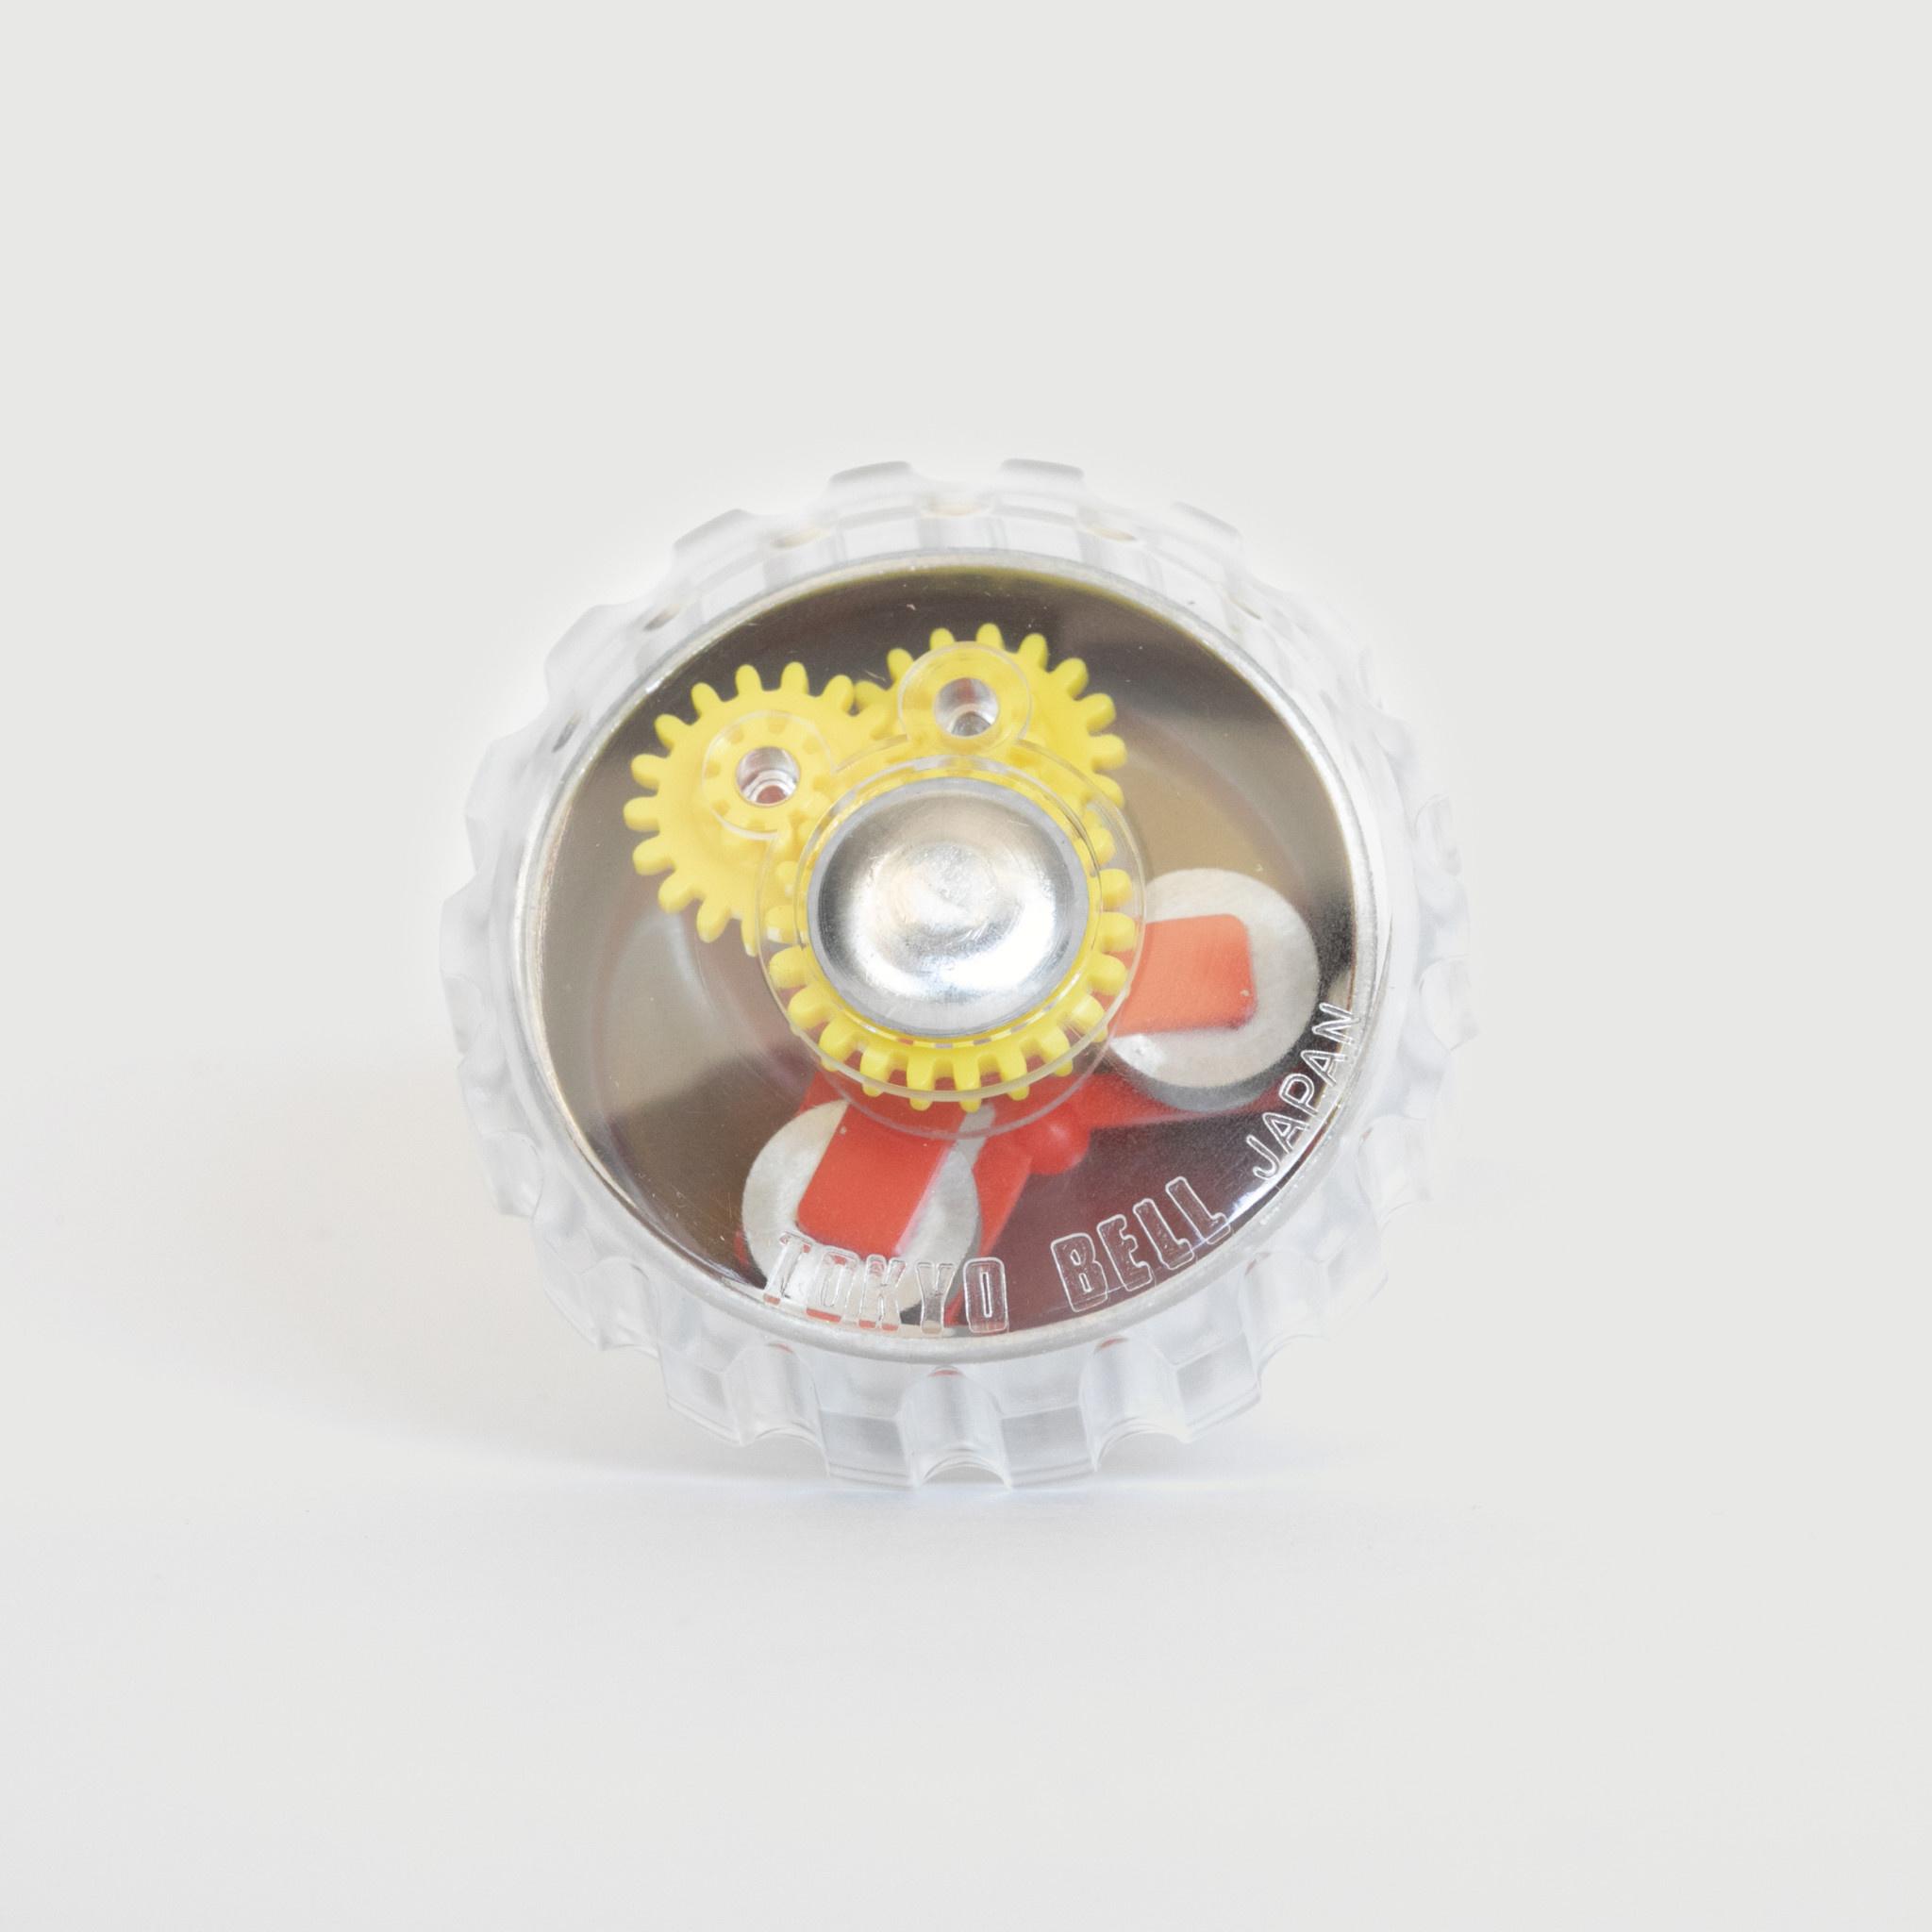 Tokyobell Tokyobell - Crystal Bell